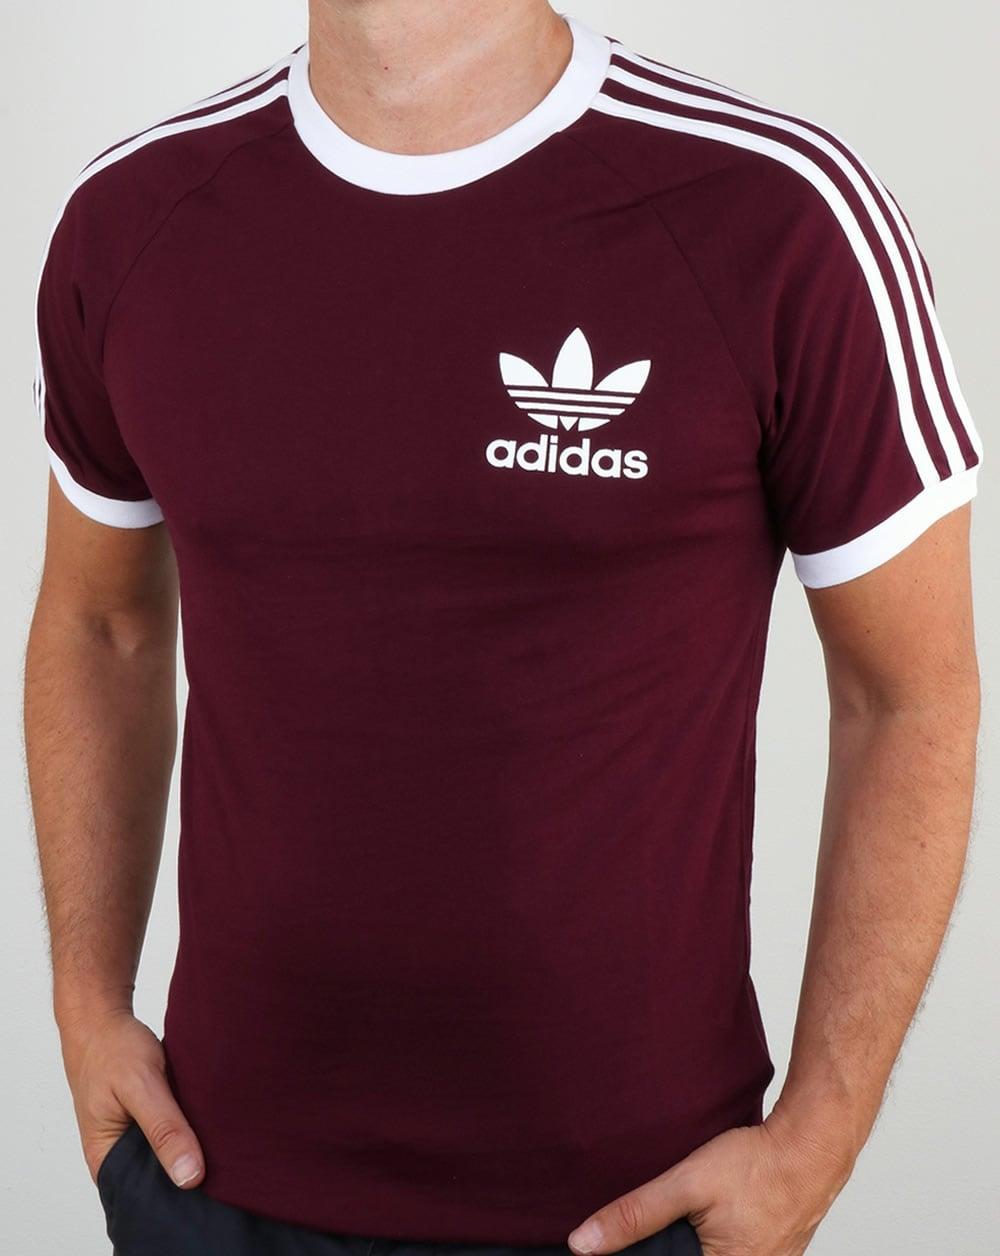 Adidas Originals CLFN T Shirt Maroon3